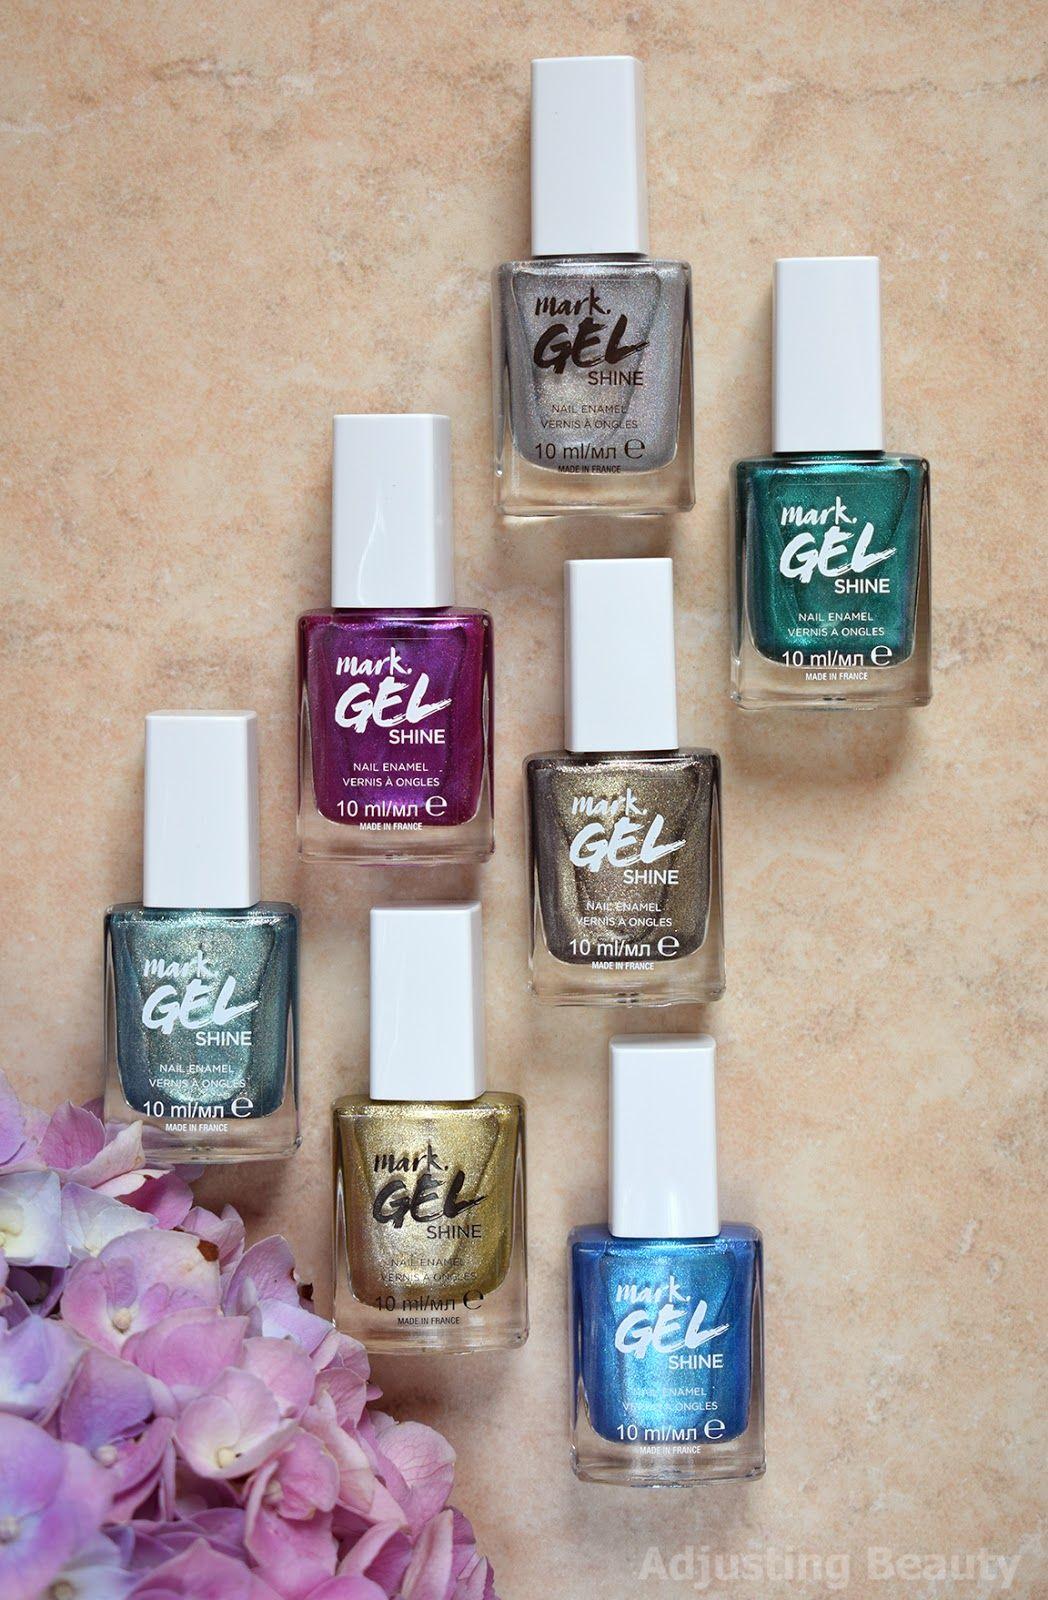 Review Avon Mark Gel Shine Nail Enamel Chrome And Holographic Avon Esmalte Esmalte De Gel Kit De Maquiagem